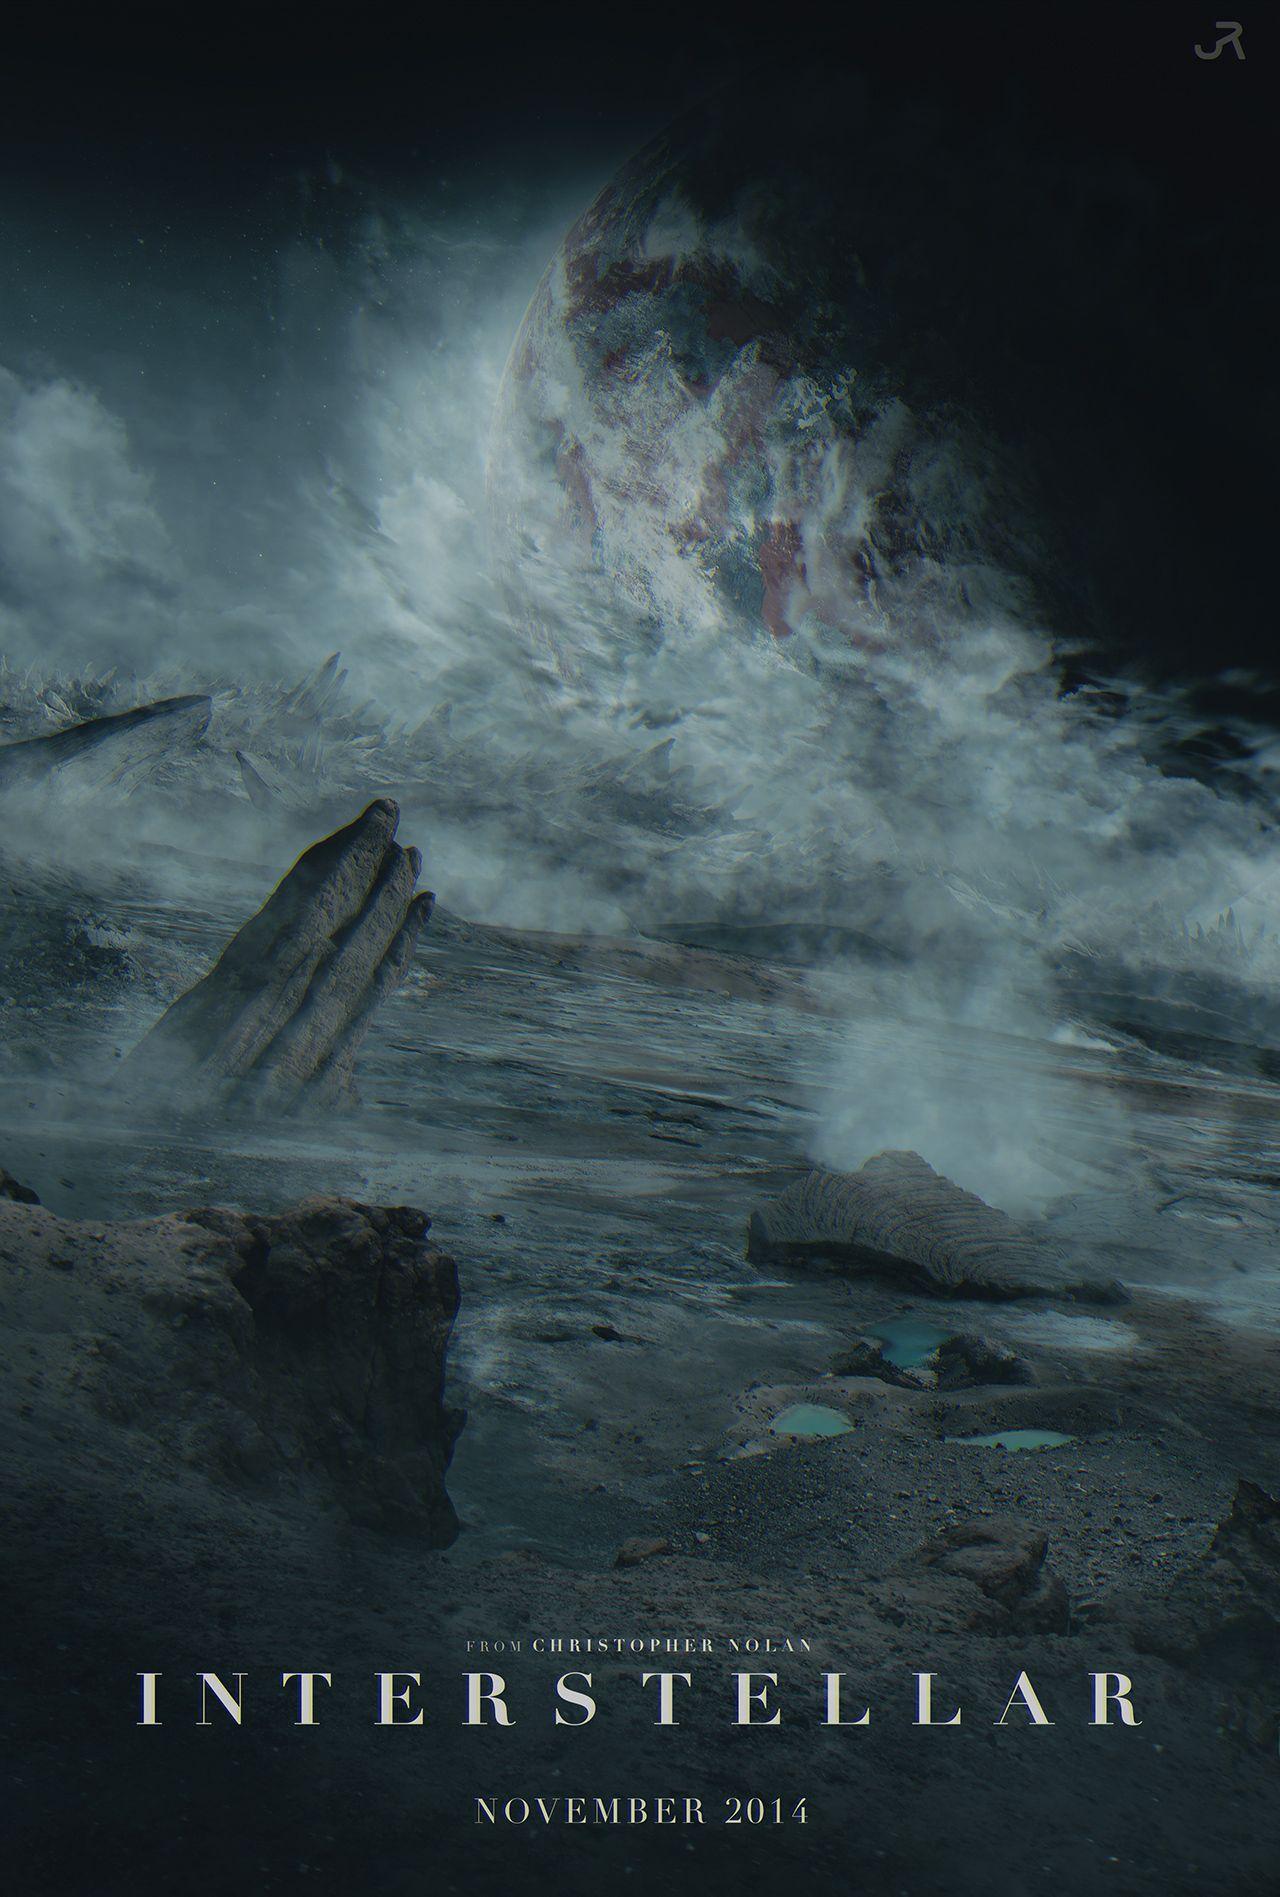 Interstellar Planet 01 By Visuasys On Deviantart Interstellar Interstellar Film Interstellar Posters